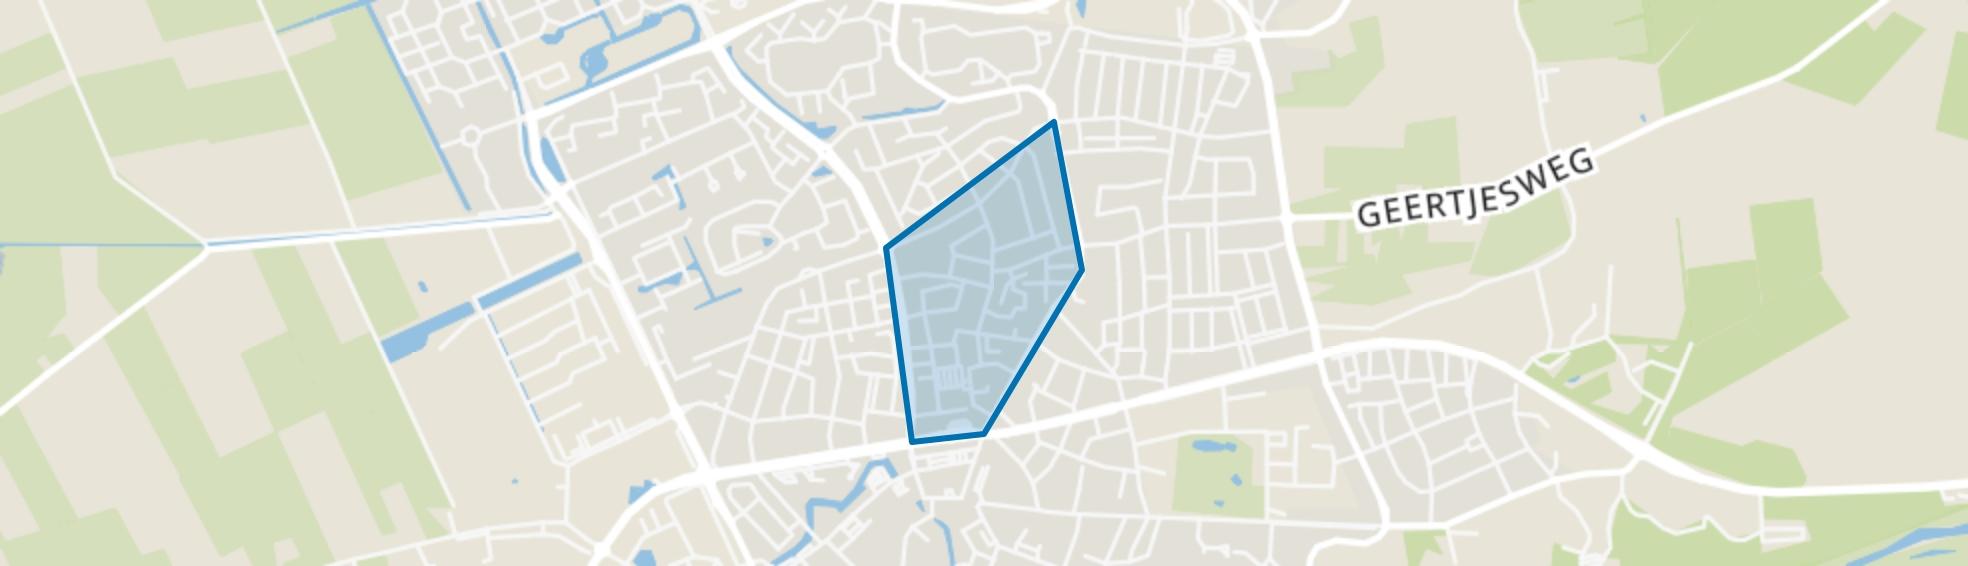 De Buurt-Oost, Wageningen map